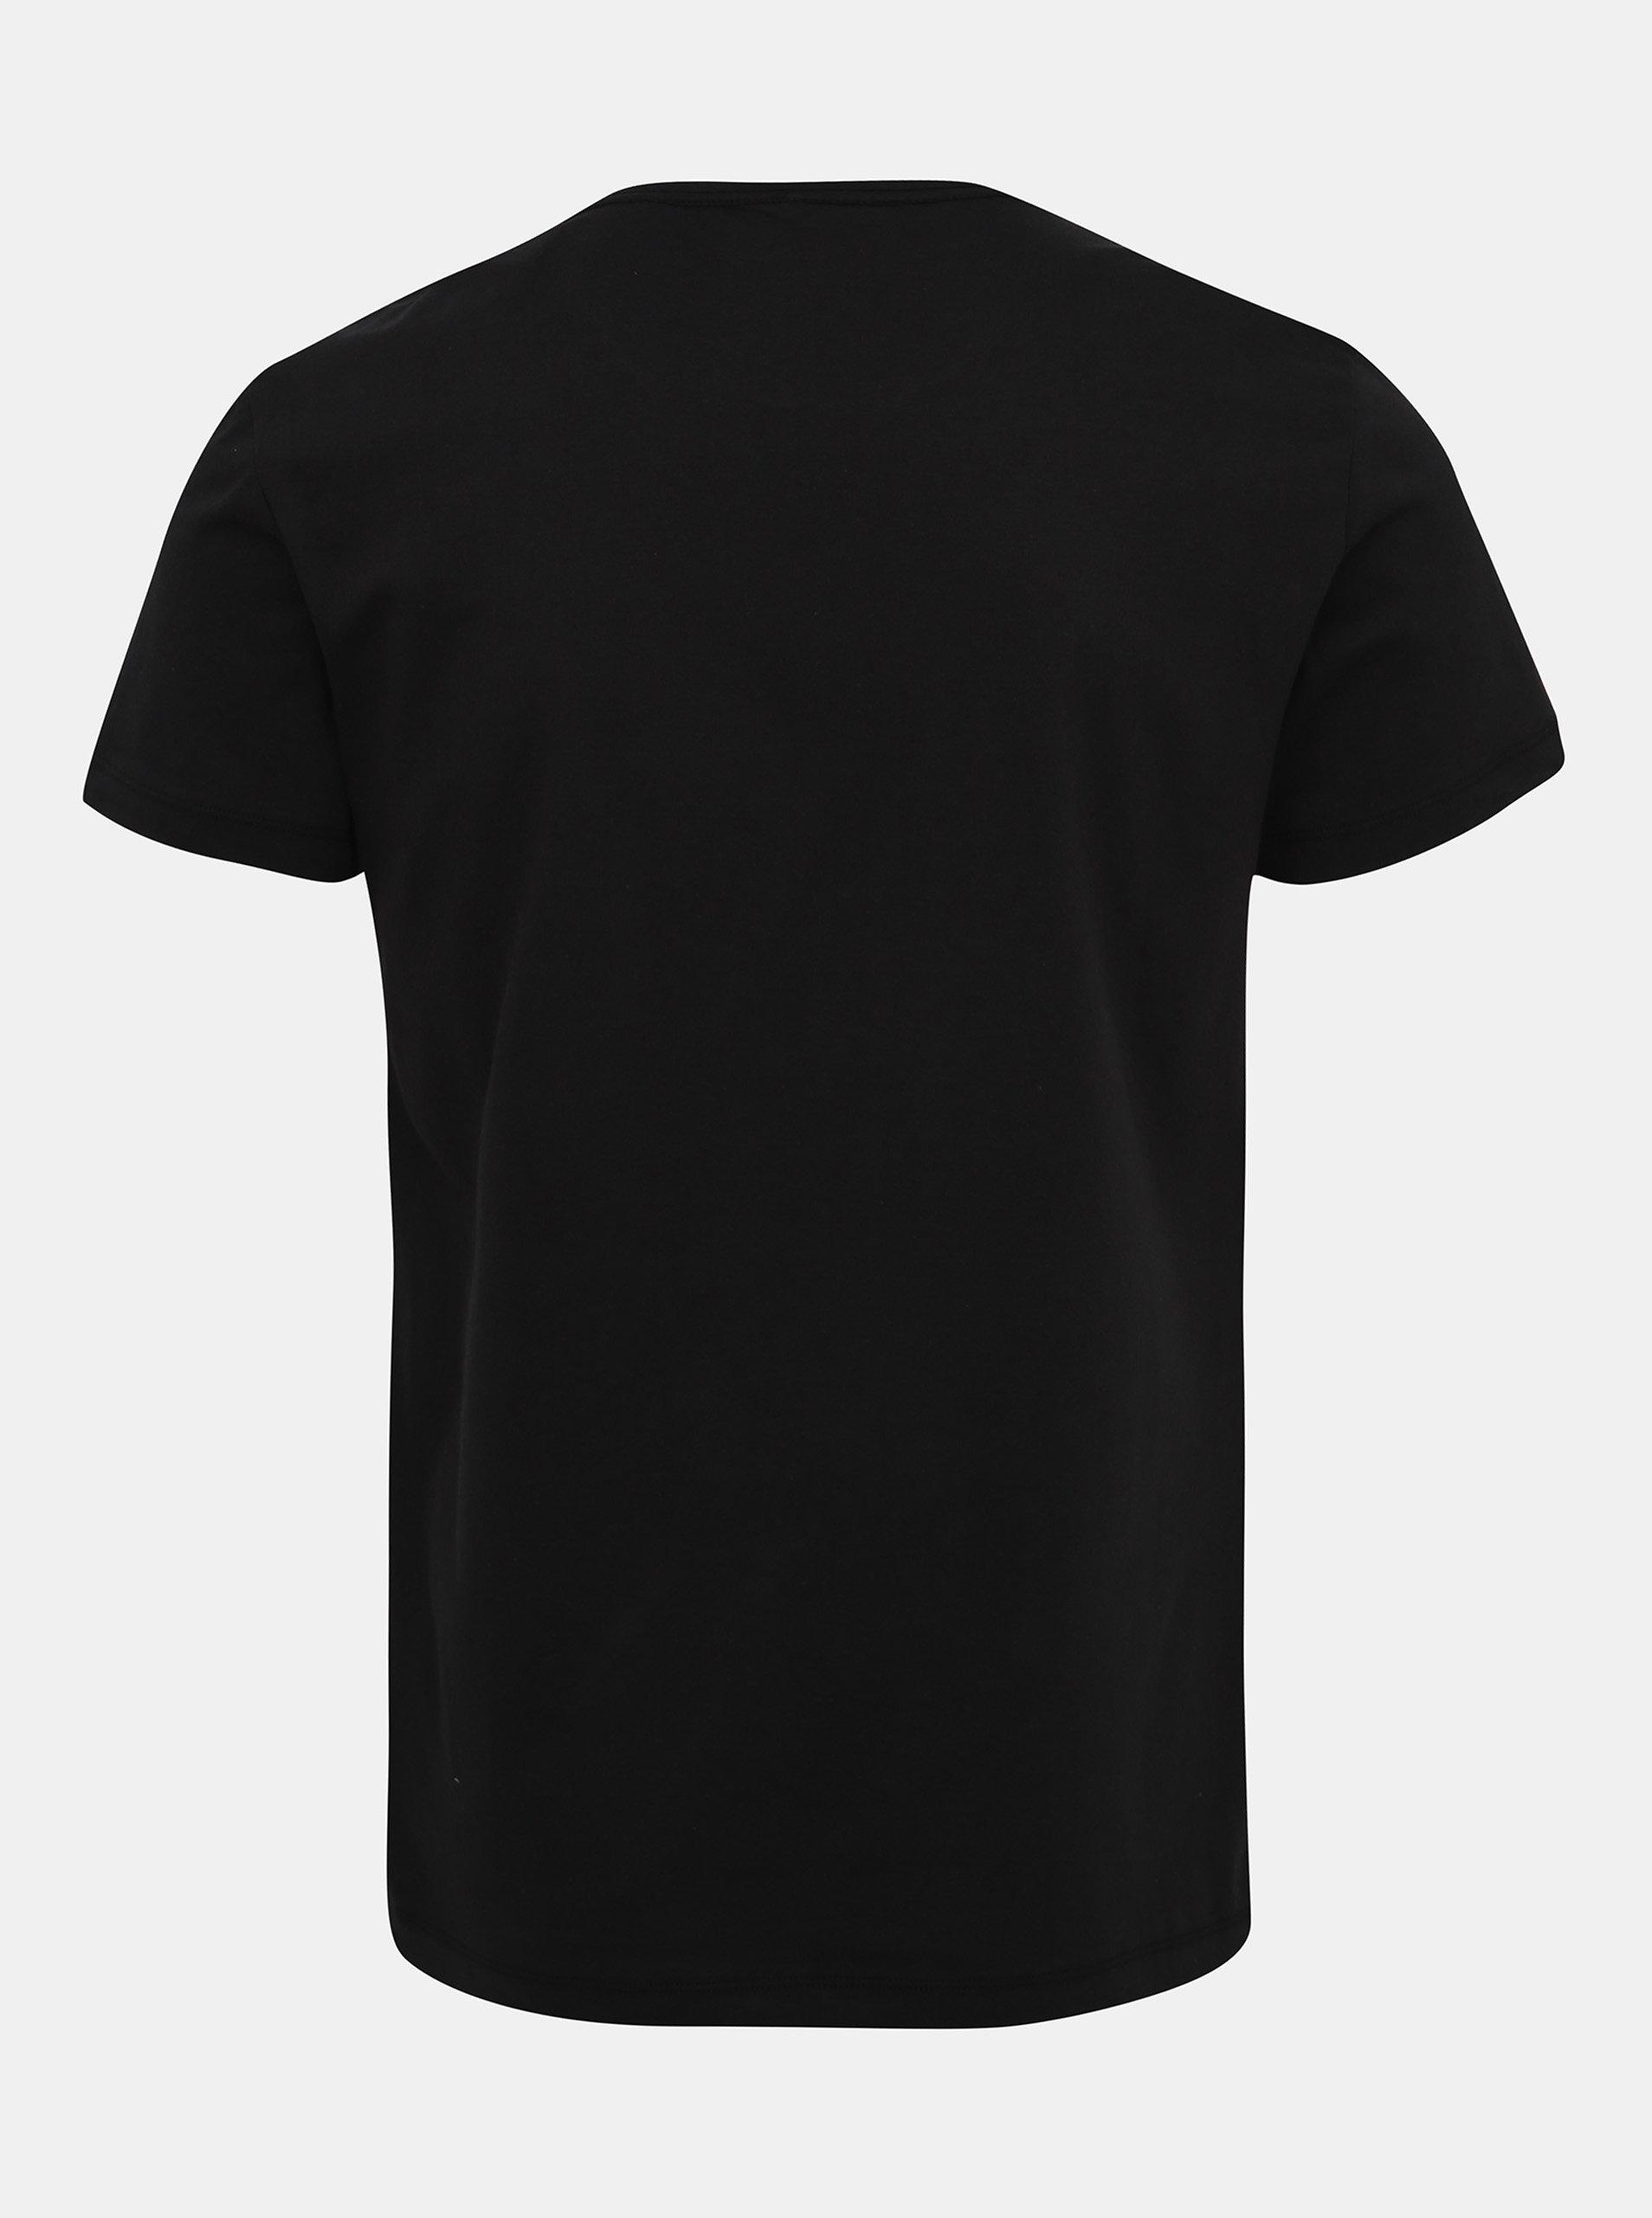 49b12ab1a Čierne tričko s potlačou Blend | ZOOT.sk